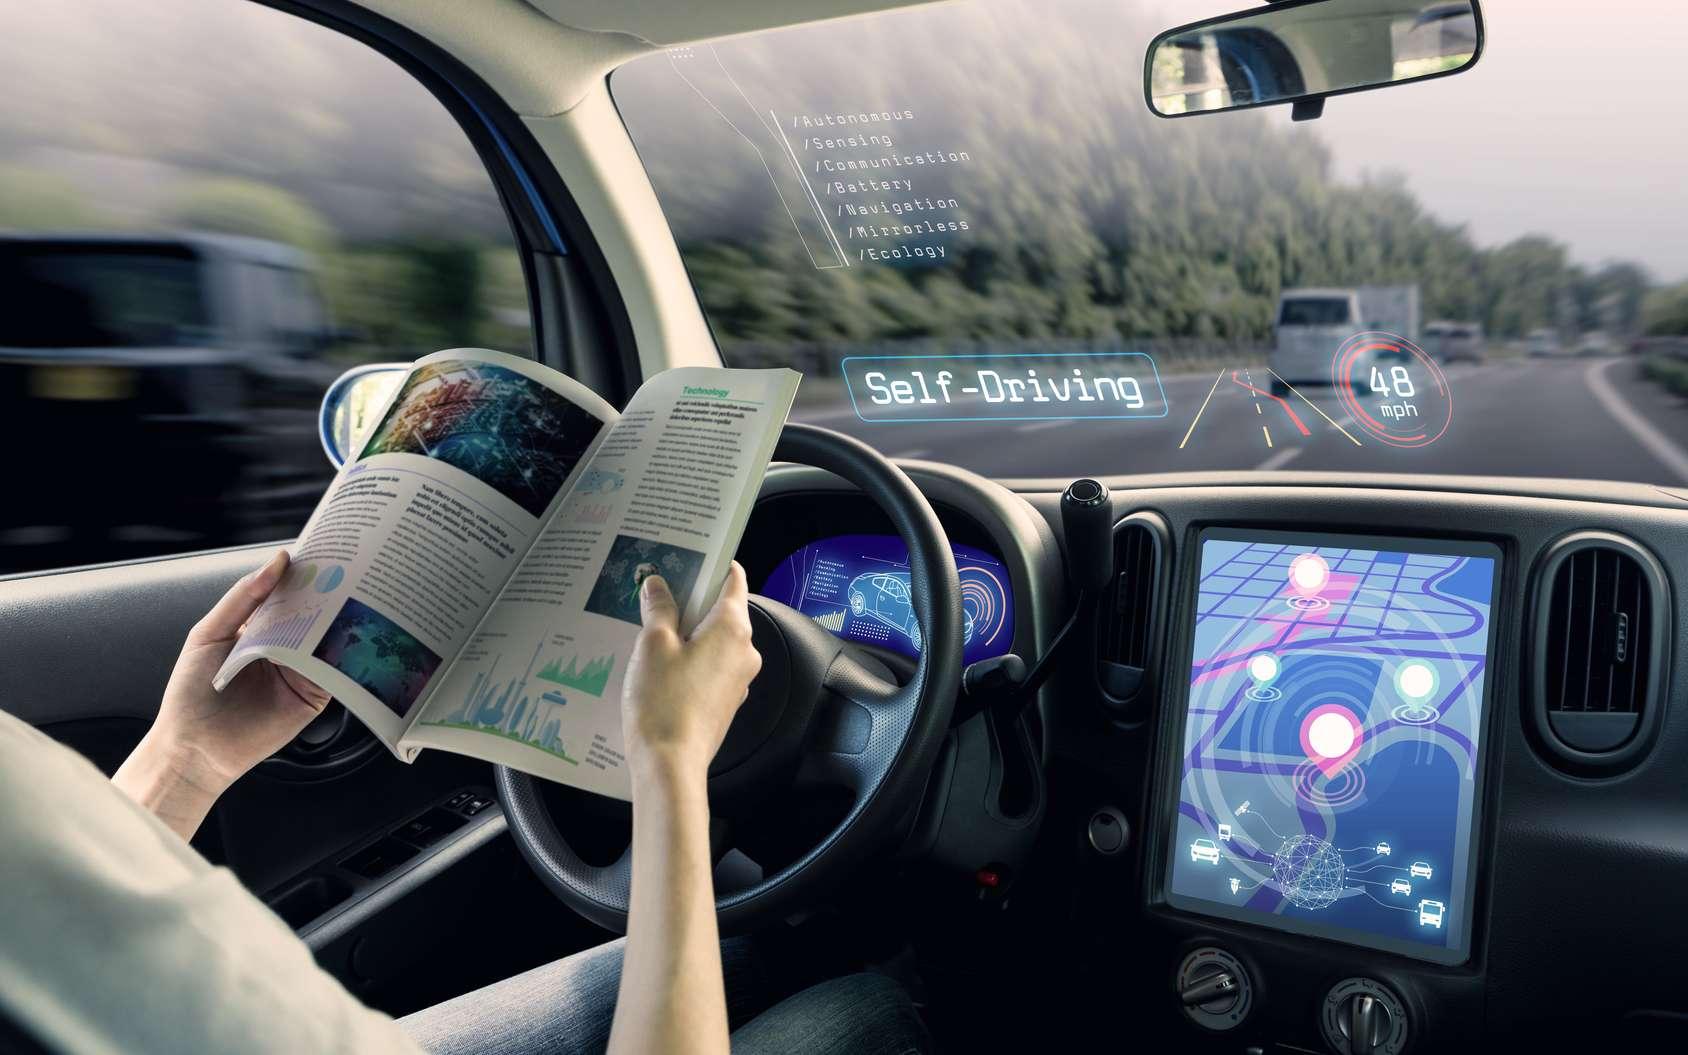 Les premières voitures autonomes sont annoncées à l'horizon 2020-2021. Elles pourraient bouleverser l'immobilier. © Chombosan, Fotolia